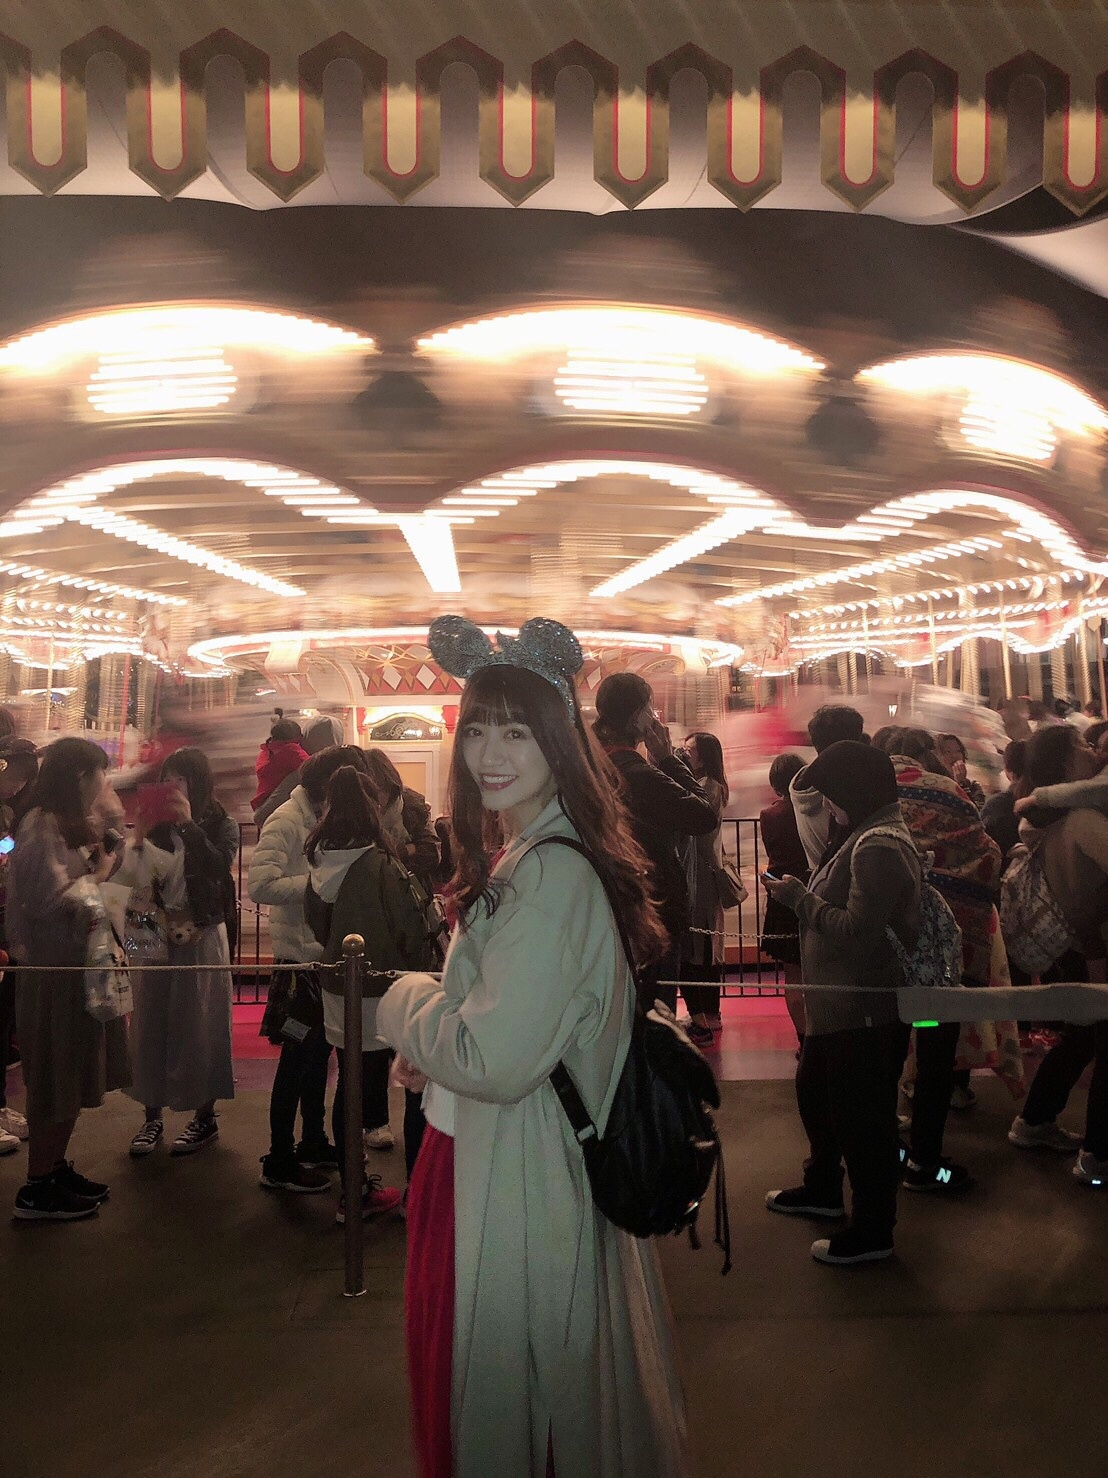 【インスタ映え】ディズニーランドおすすめ穴場写真スポット♡_1_11